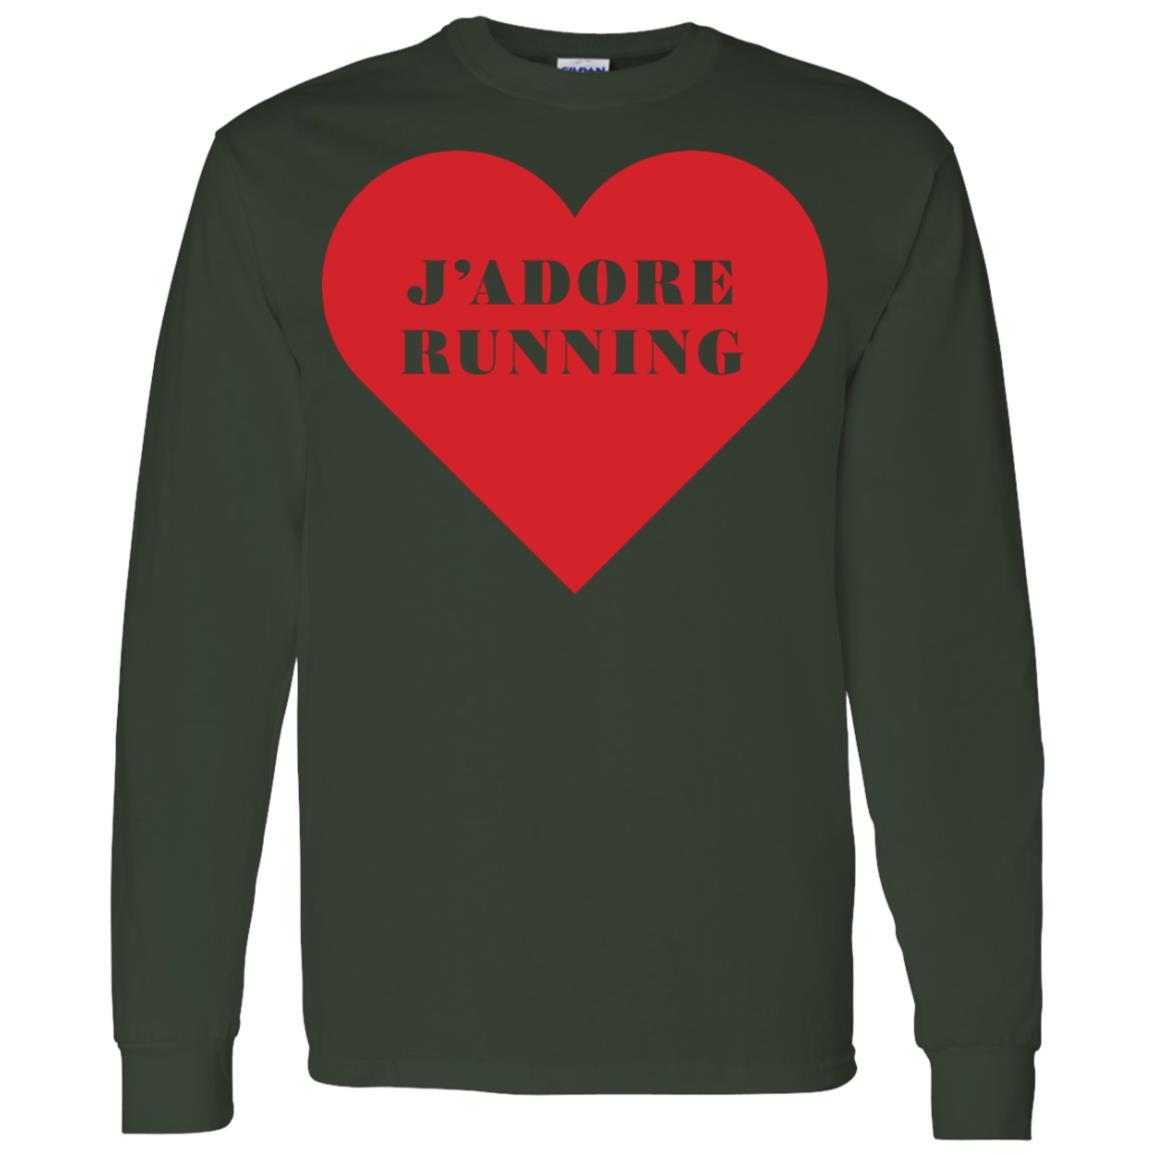 J'Adore Running -1 Men Long Sleeve T-Shirt